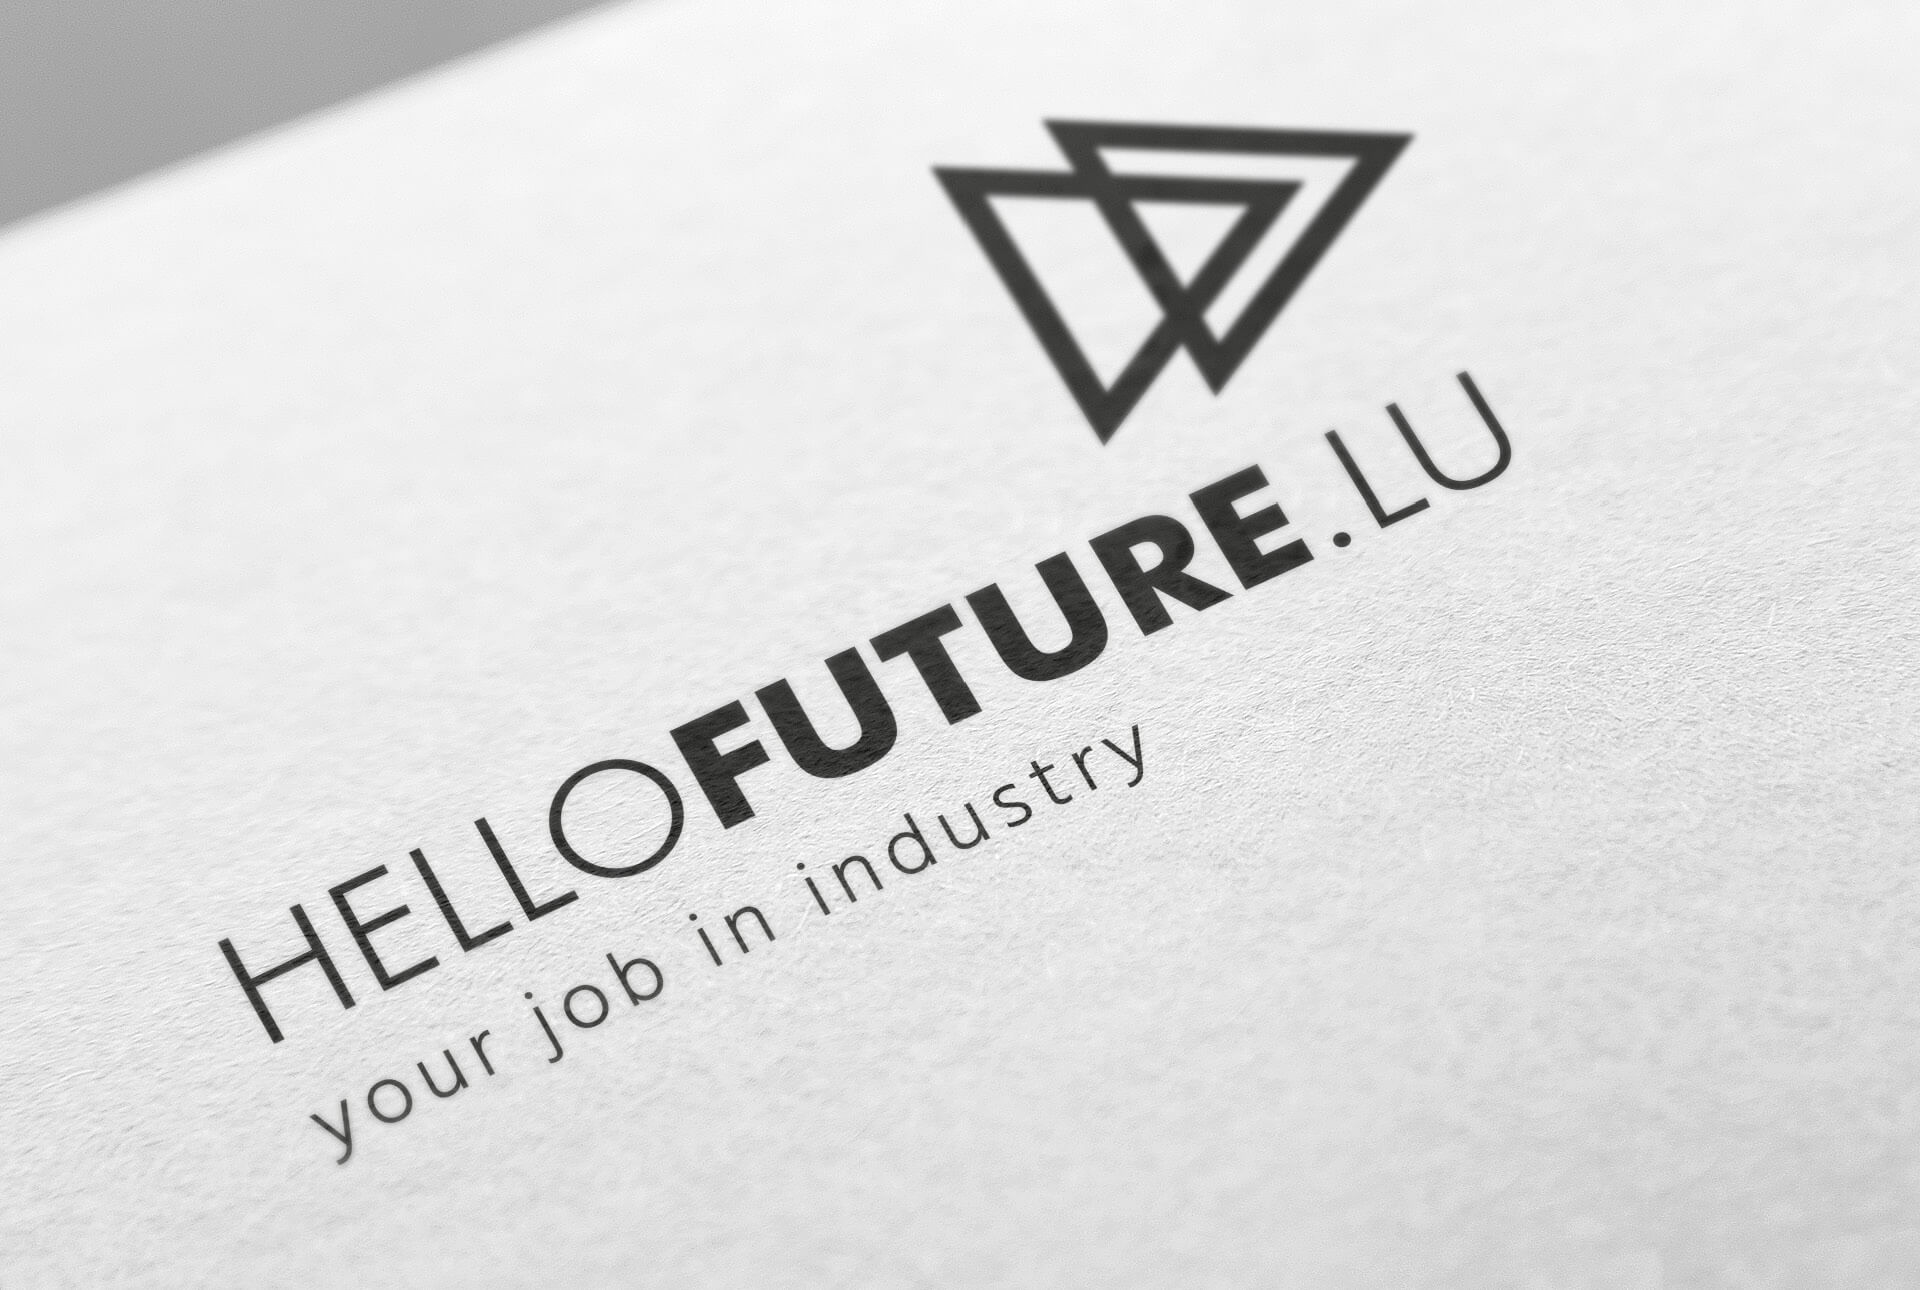 Logotype et slogan de la campagne Hellofuture, réalisée par l'agence Comed